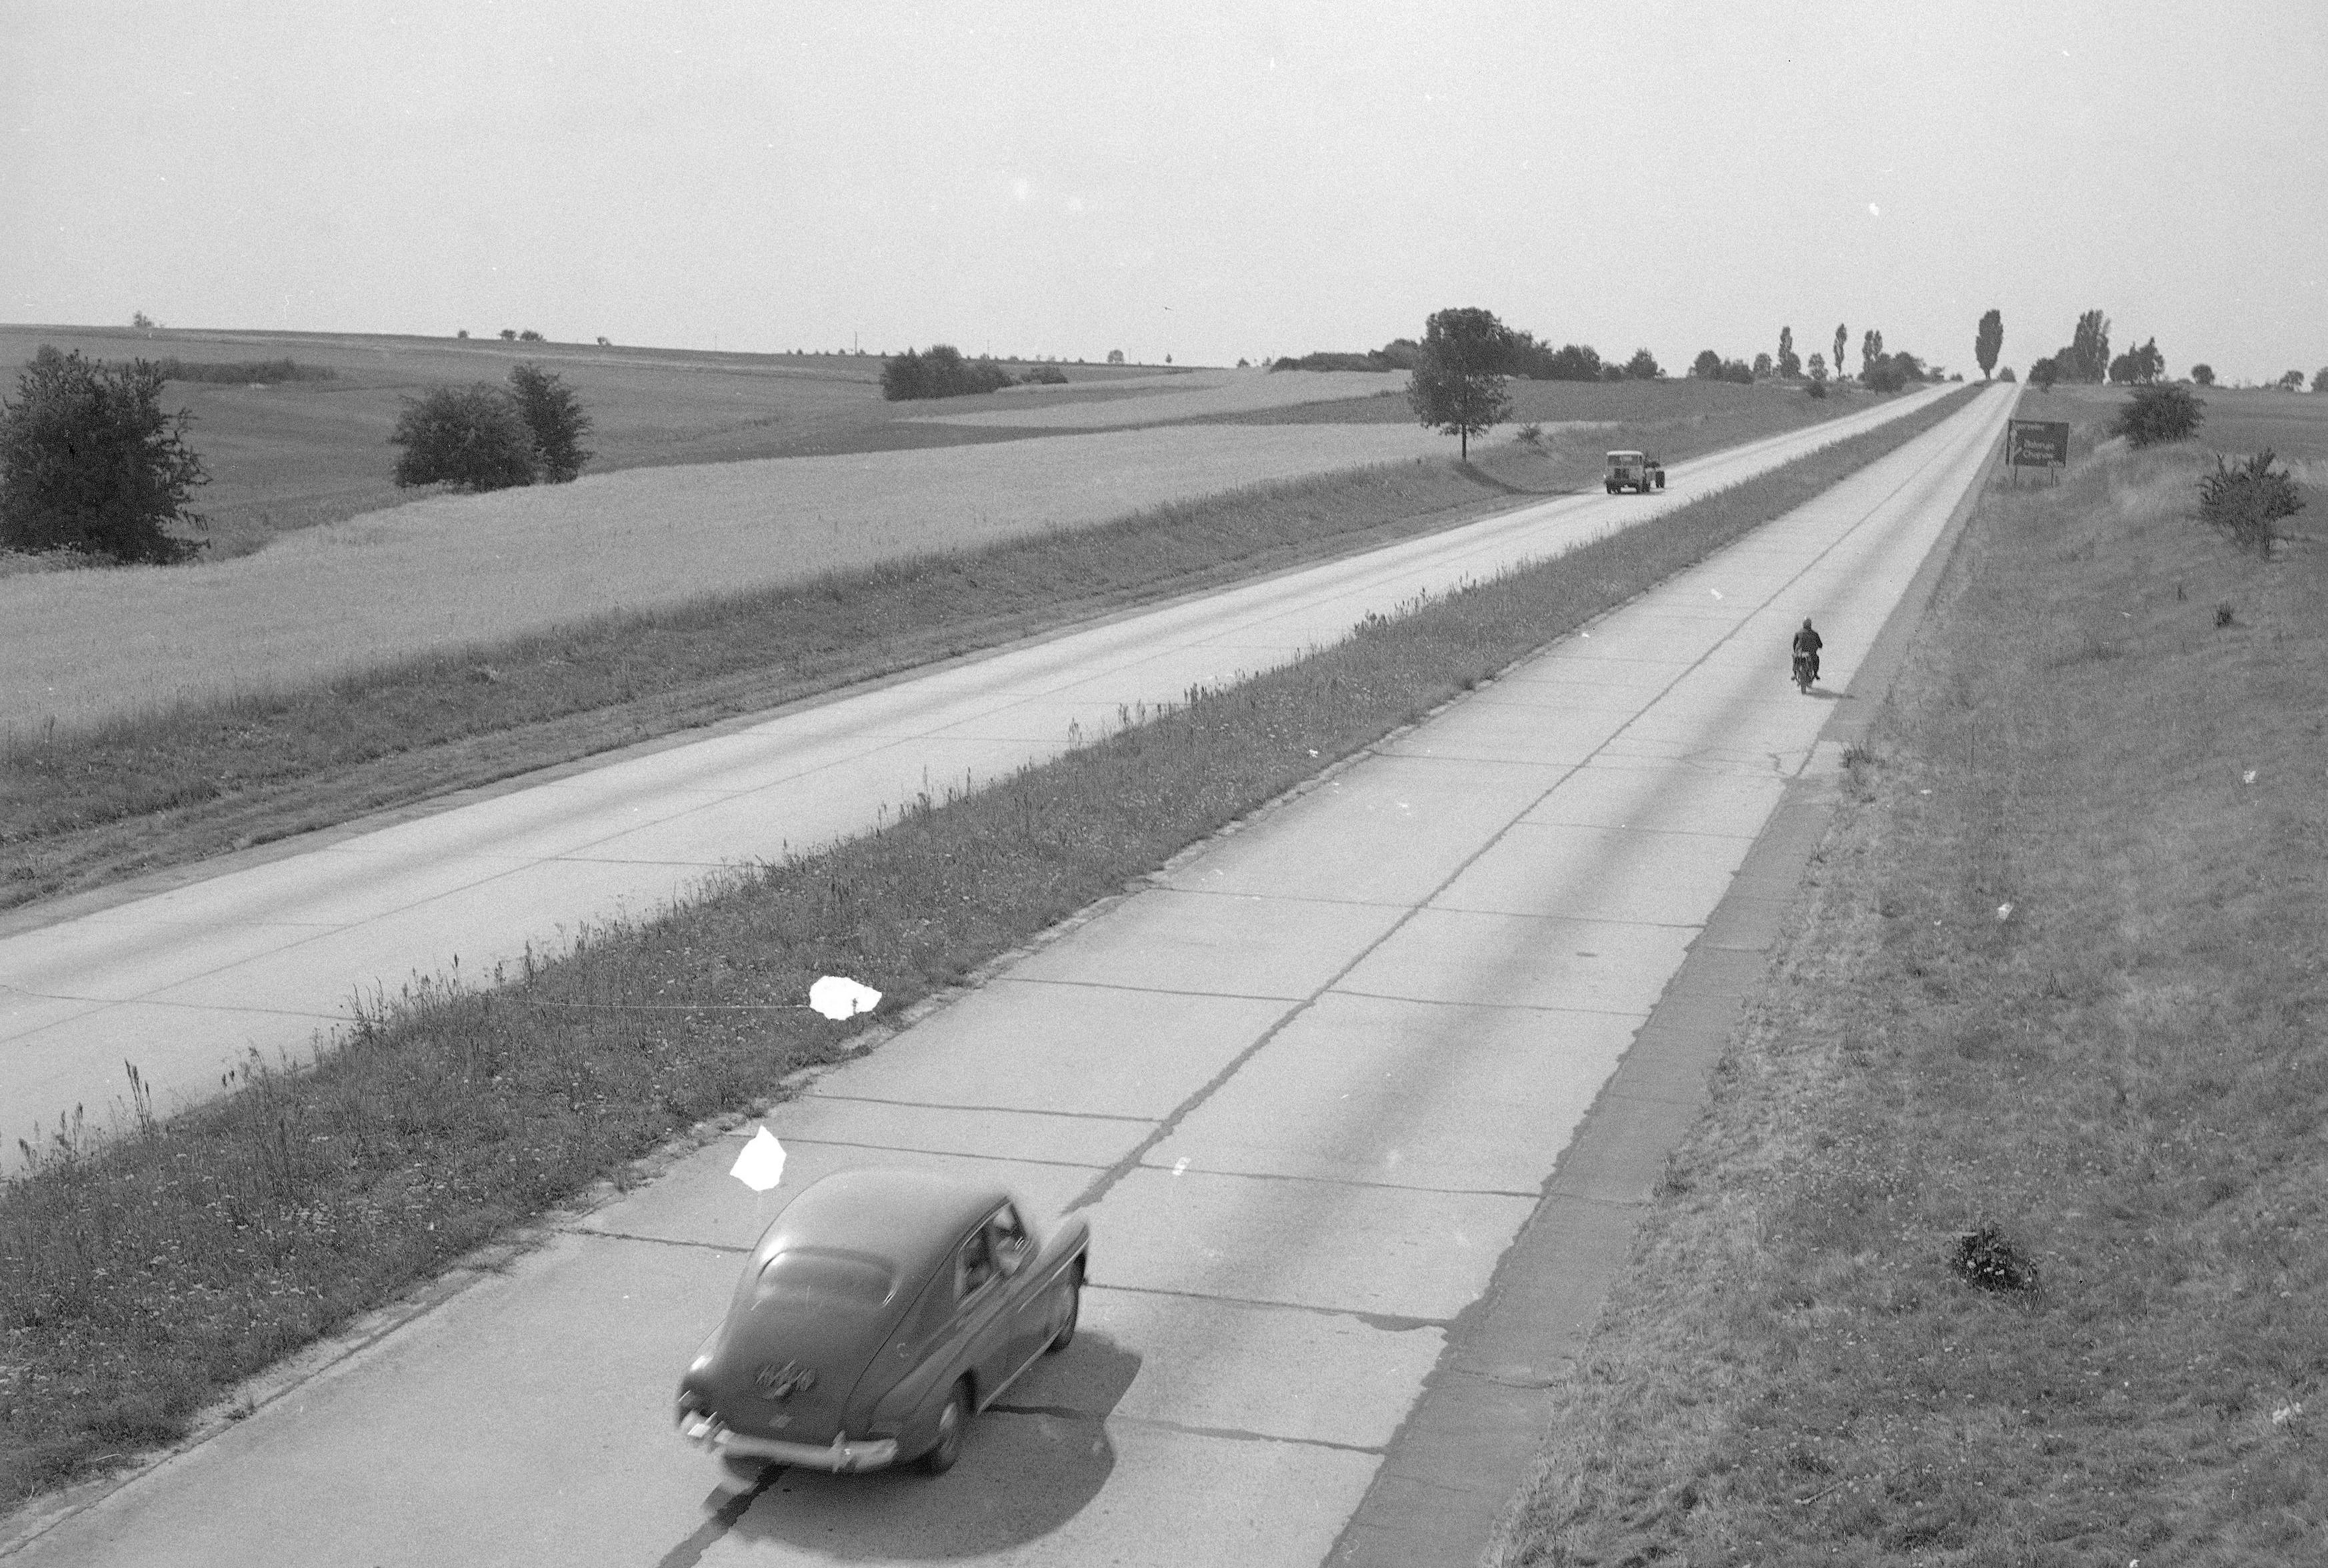 Rok 1969. Poniemiecka autostrada Wrocław - Zgorzelec przed zjazdem w kierunku Złotoryi i Chojnowa. fot. GDDKiA